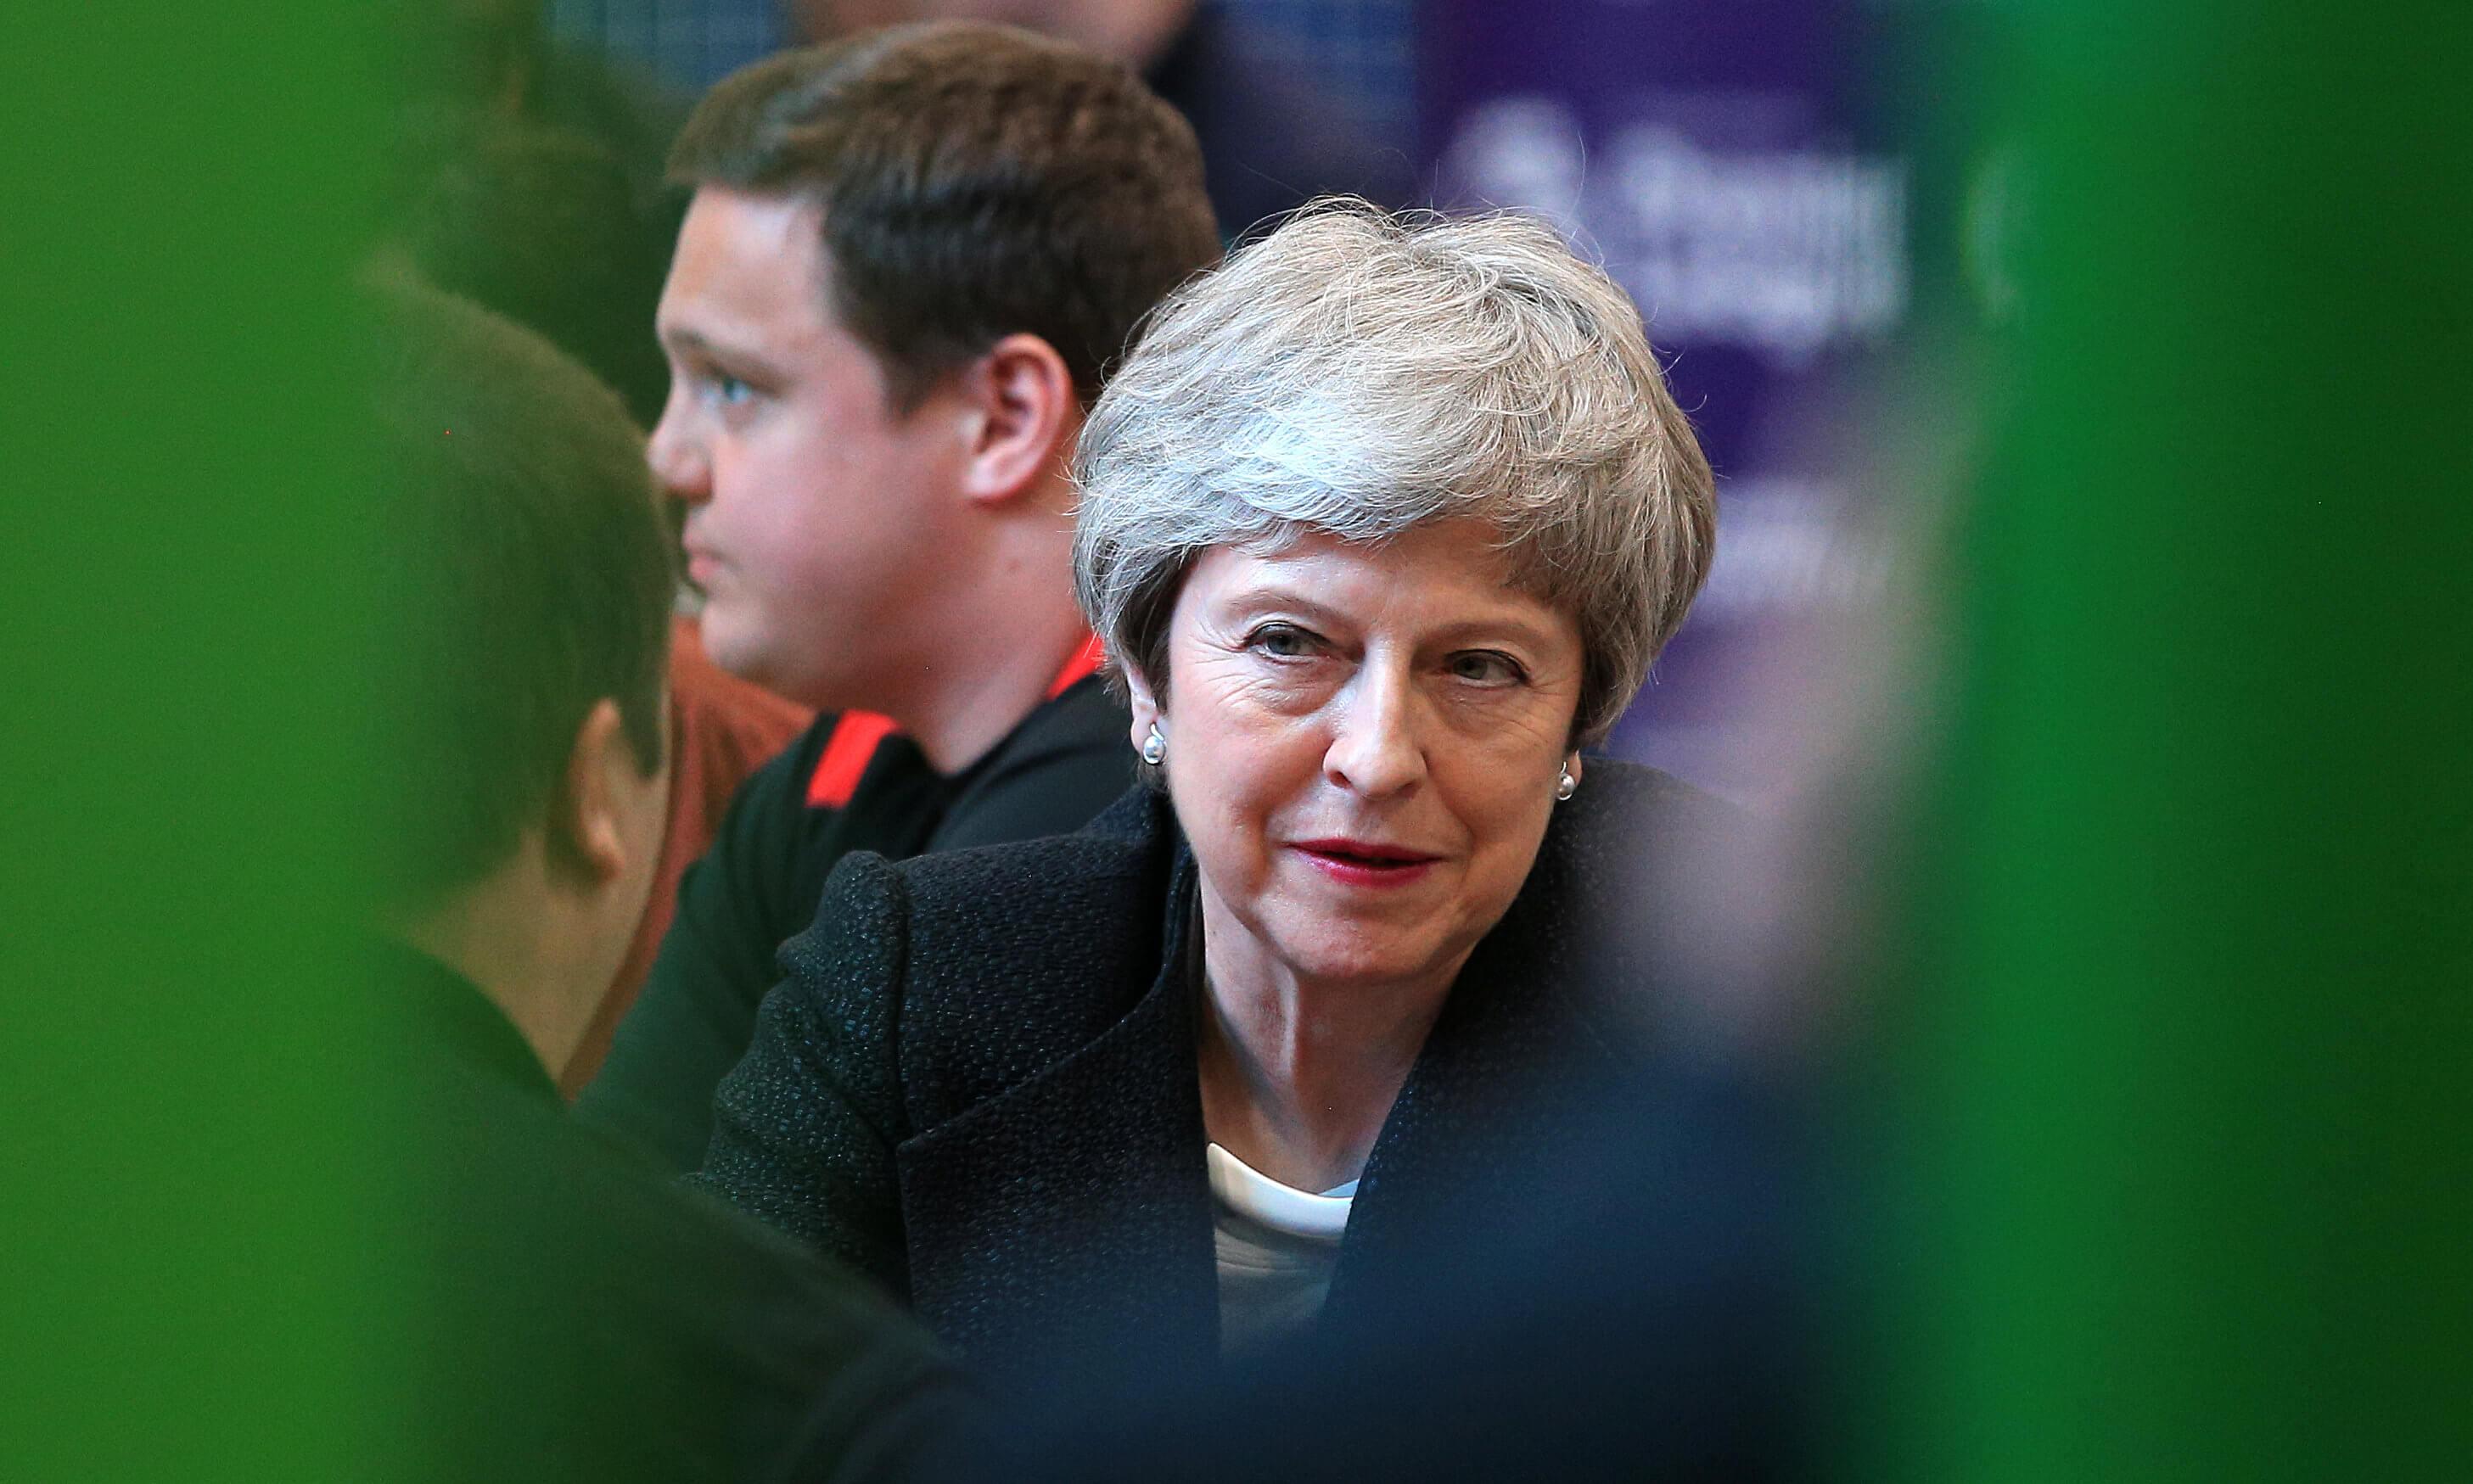 Επιμένουν να ρίξουν την Τερέζα Μέι οι Συντηρητικοί - Ετοιμάζουν νέα πρόταση μομφής